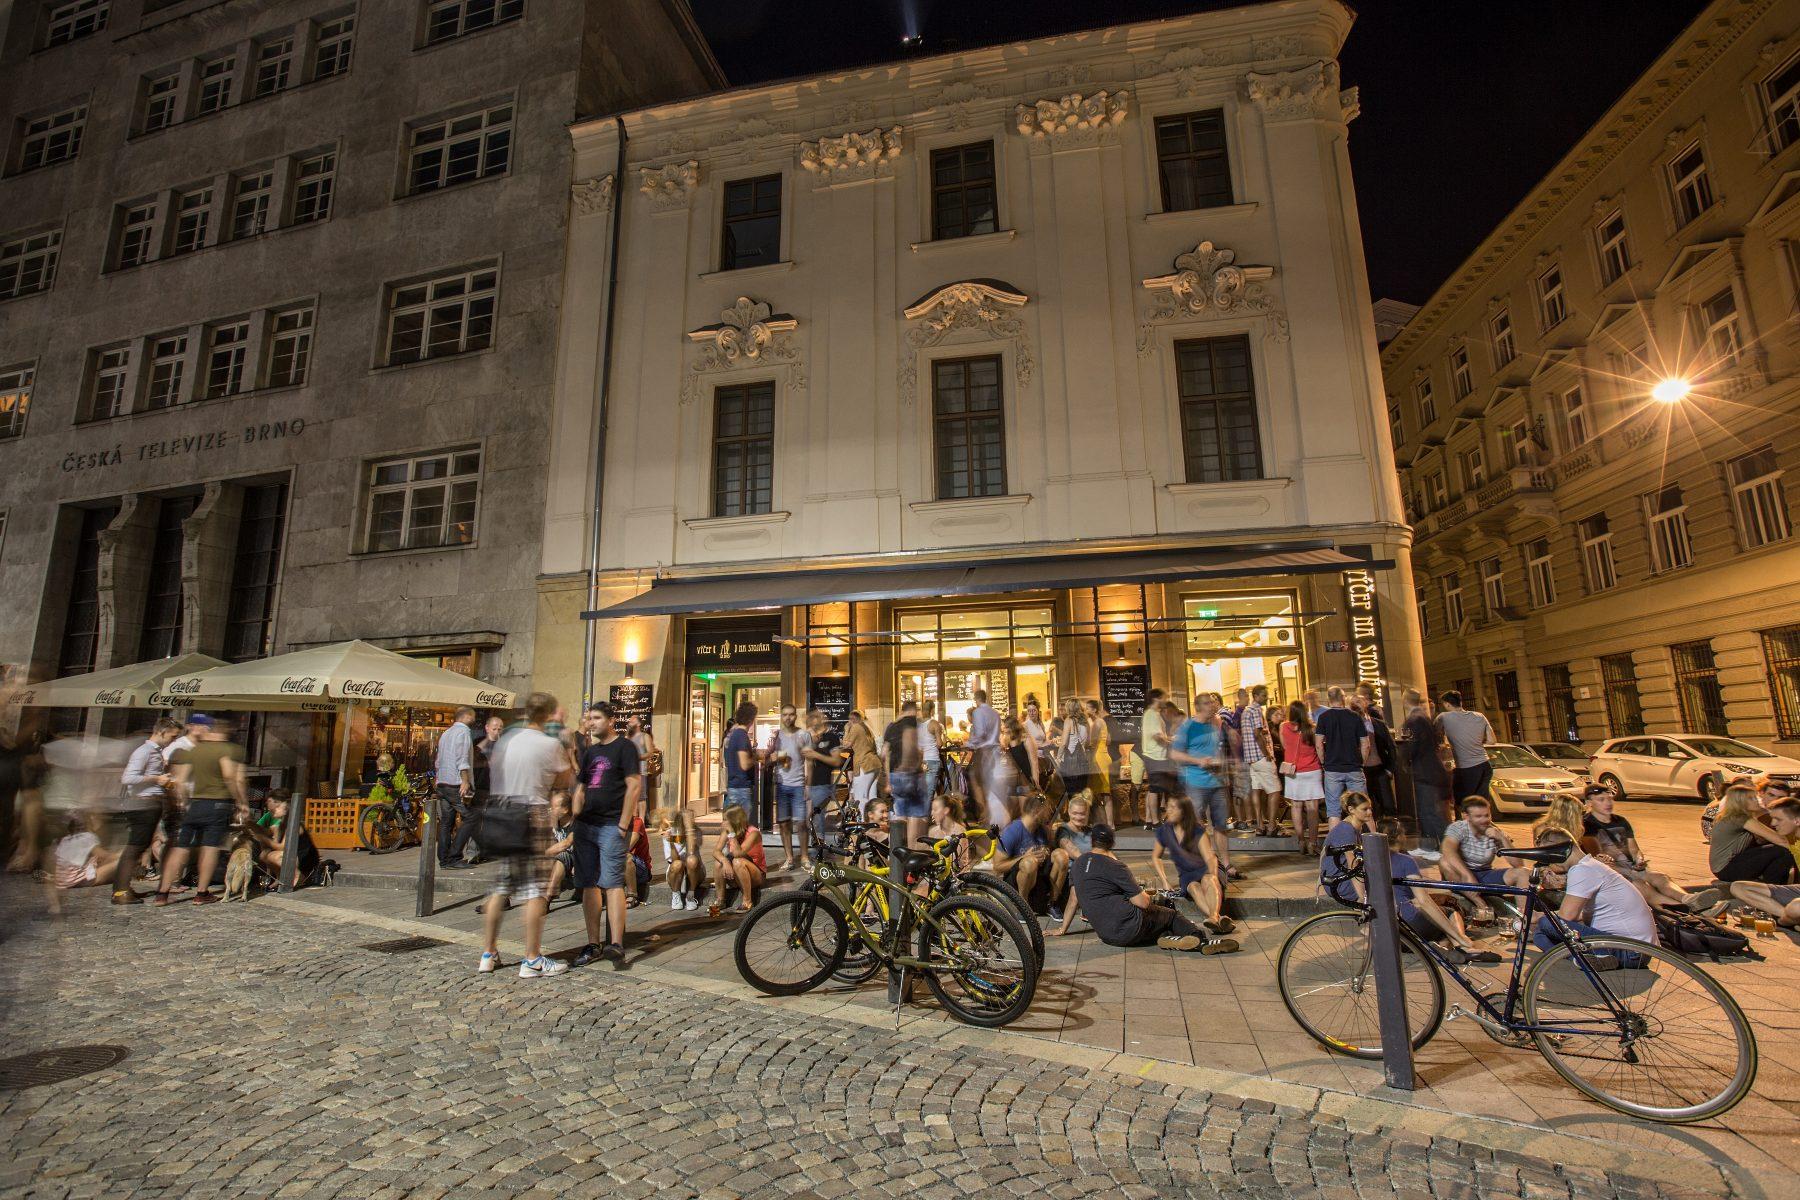 Výčep Na stojáka. Jakubské náměstí v Brně. Noční život.